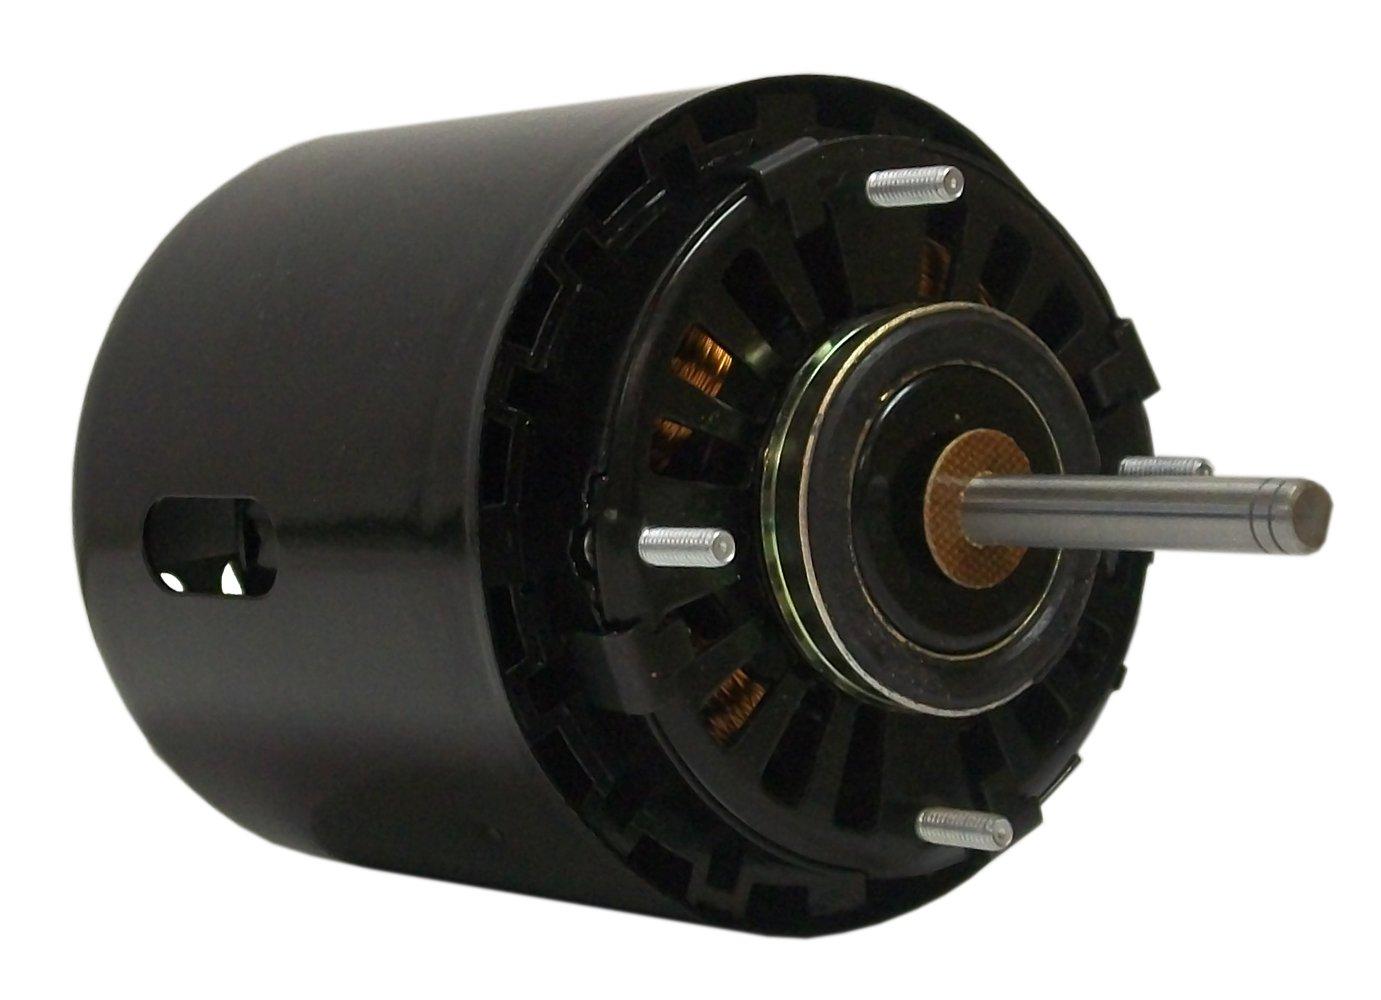 Fasco D472 Blower Motor, 3.3-Inch Frame Diameter, 1/20 HP, 1550 RPM, 115-volt, 1.9-Amp, Sleeve Bearing